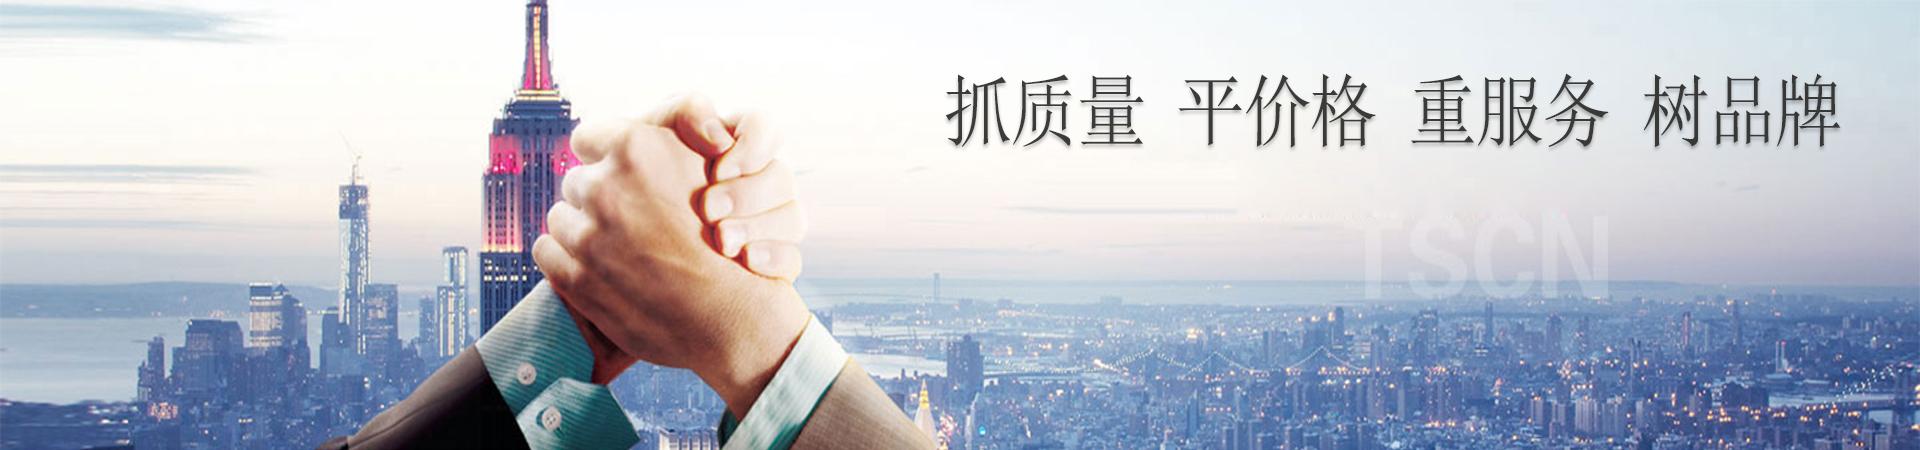 云南自动门公司